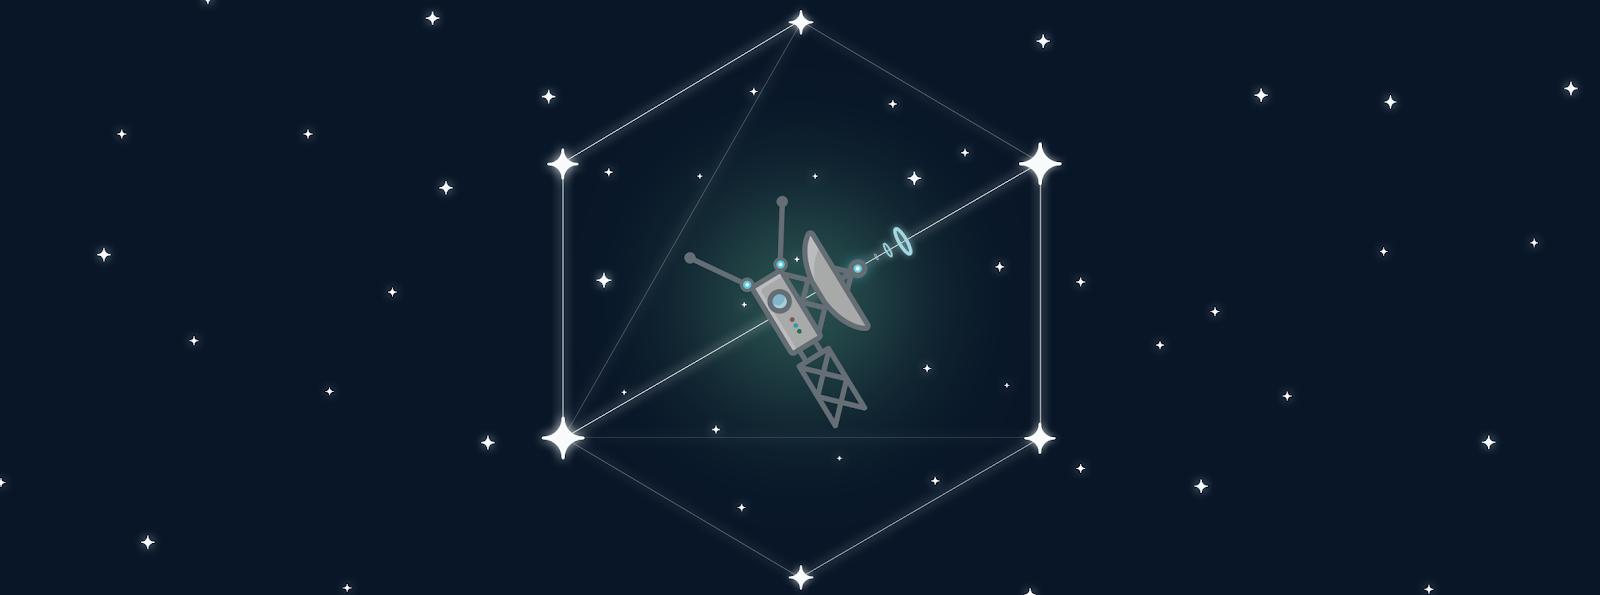 GraphQL Voyager как инструмент для поиска уязвимостей - 1